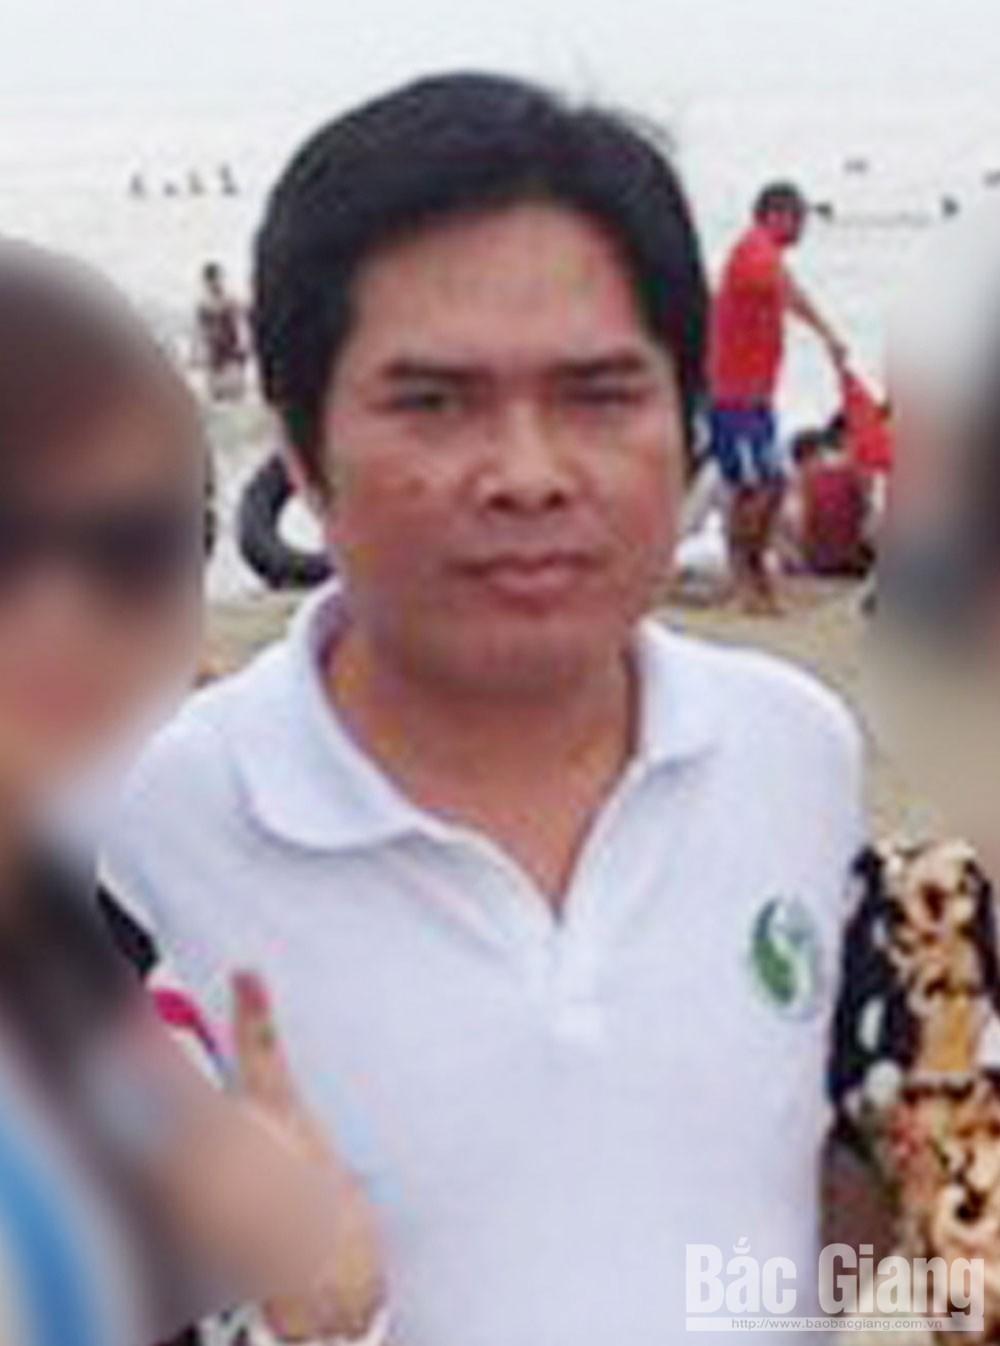 Bắc Giang, Ngô Văn Tuấn, cưỡng đoạt, 70 nghìn USD, doanh nghiệp, vướng vào lao lý